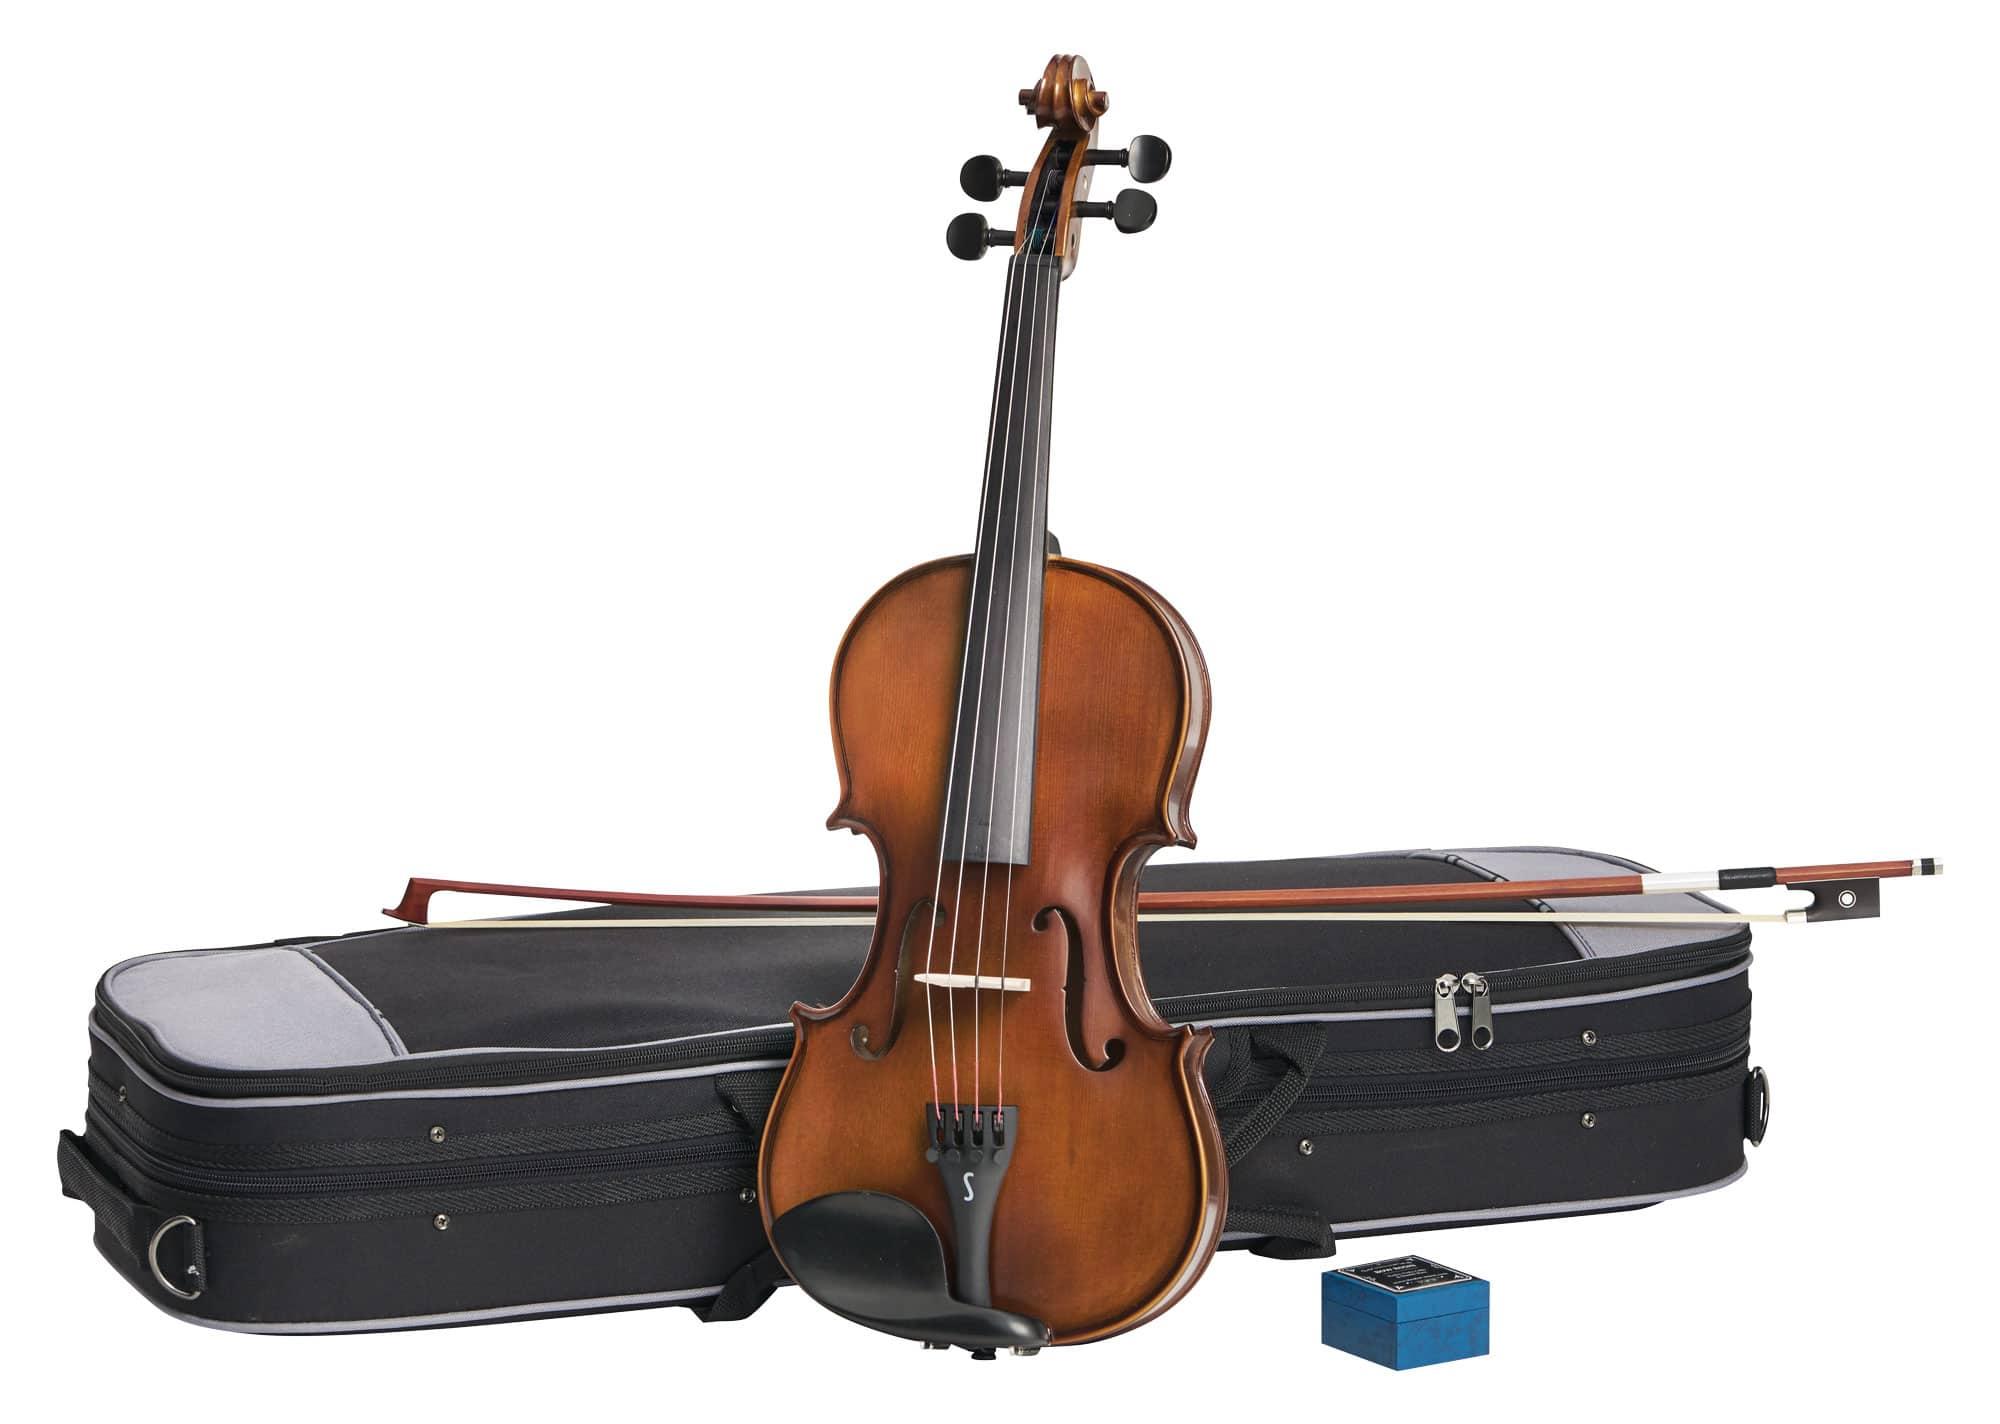 Violinen - Stentor SR1542 4|4 Graduate Violinset - Onlineshop Musikhaus Kirstein